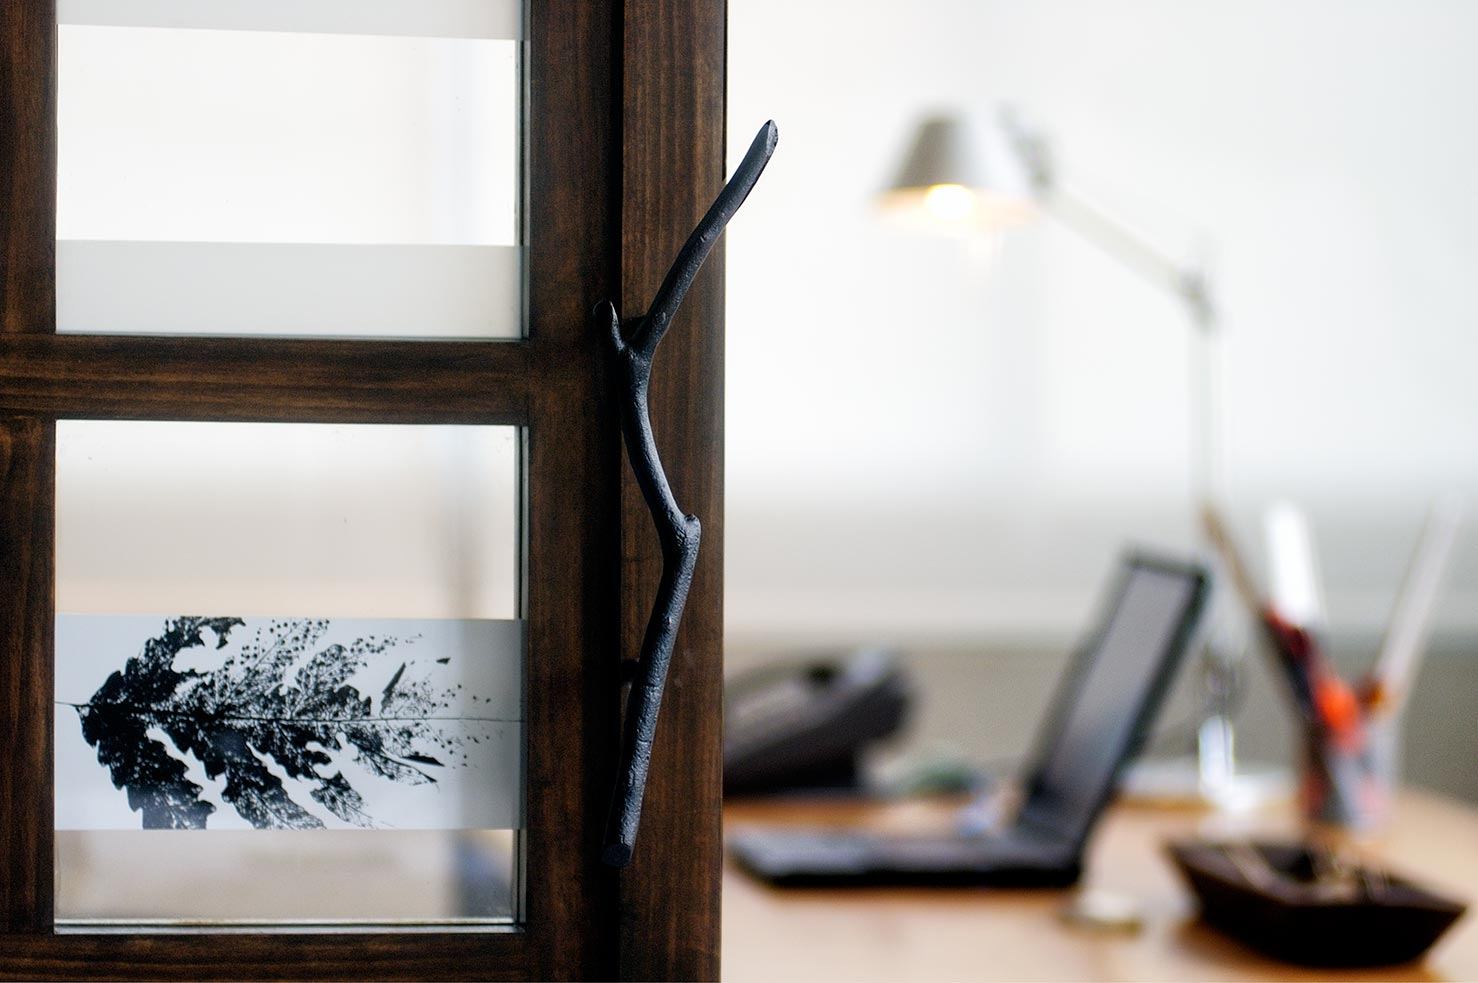 061 Interior design portafolio.jpg